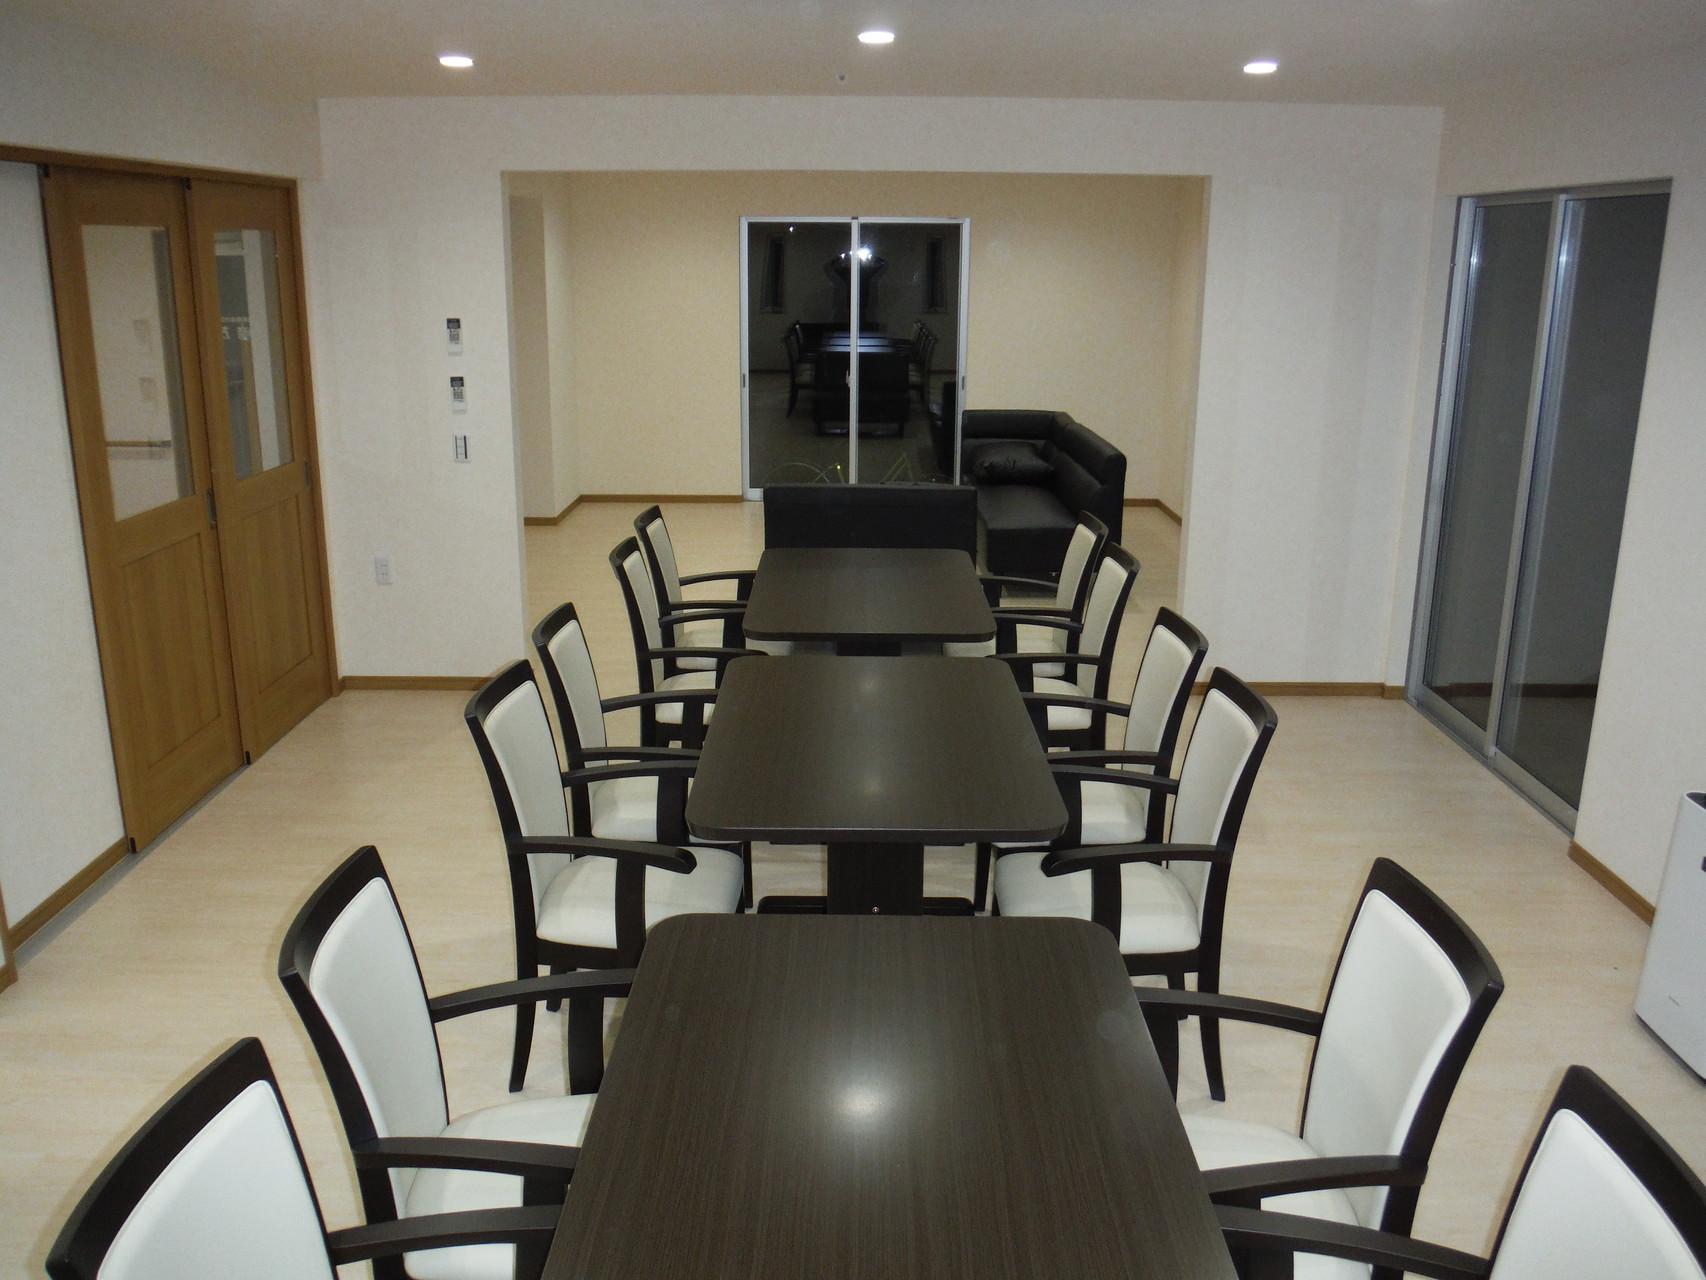 食堂 -明るい雰囲気-